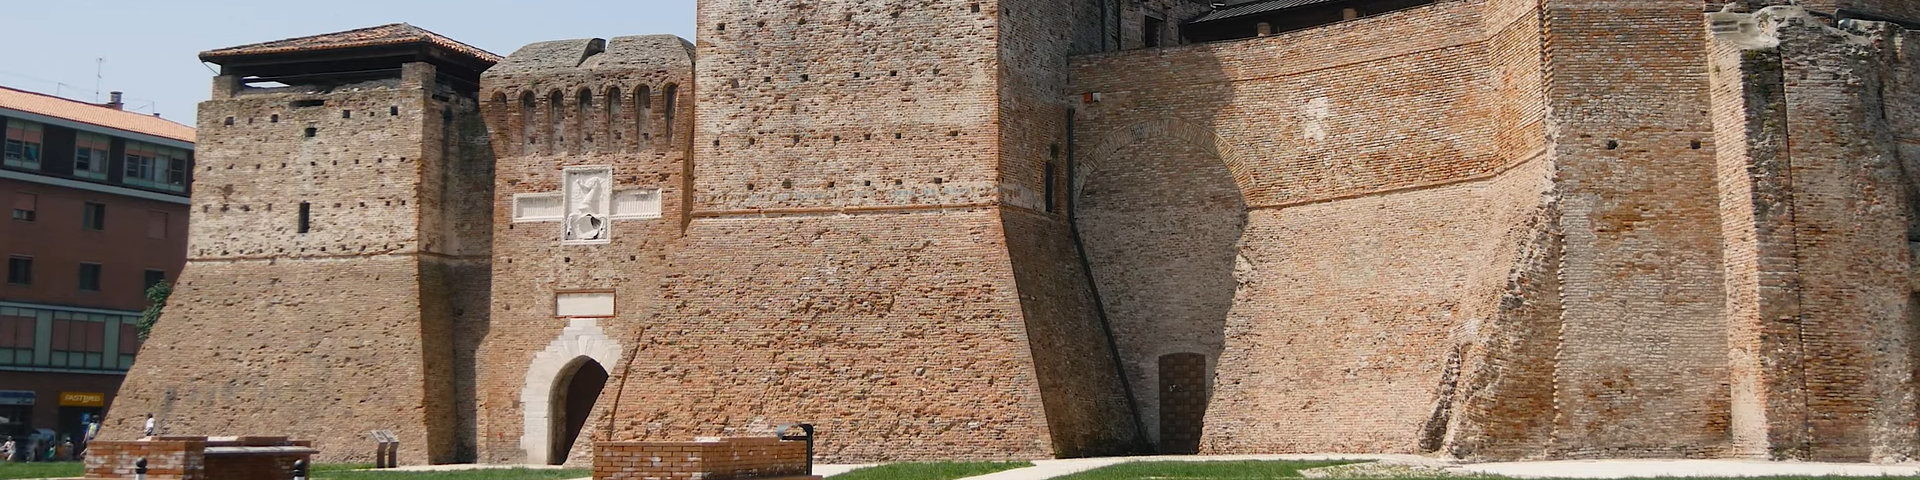 Rimini - Castel Sismondo